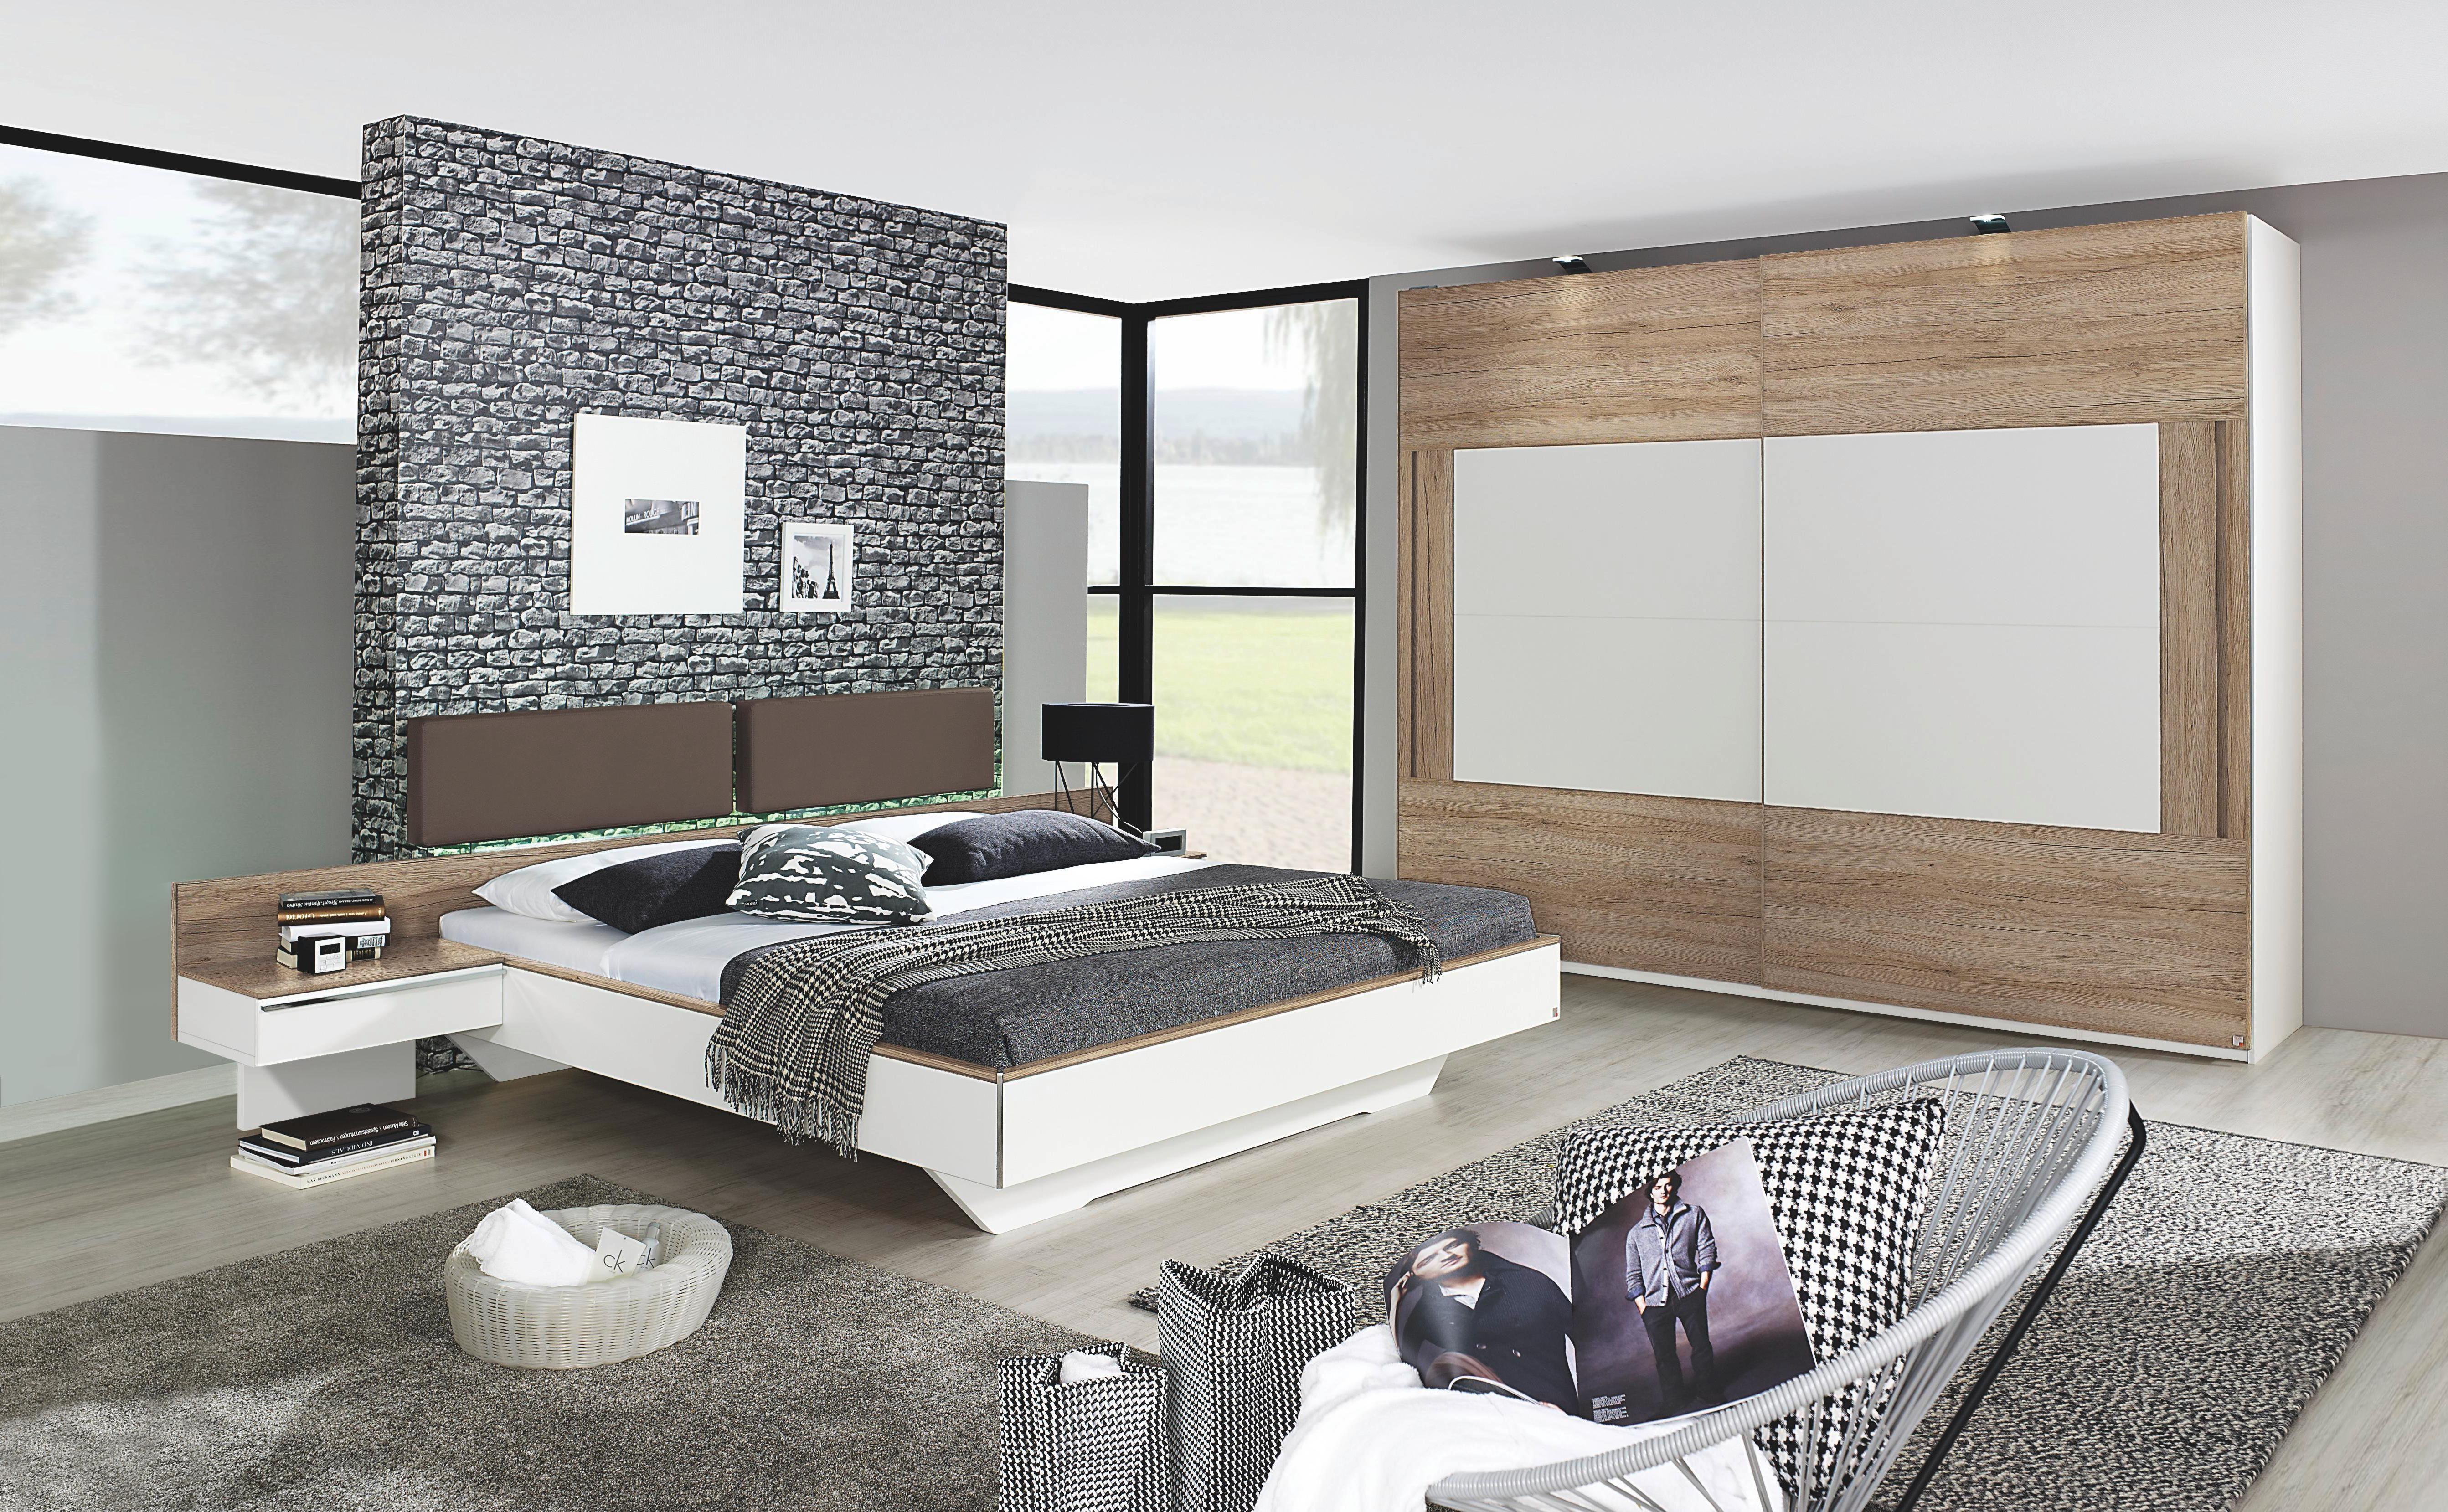 Tolles Schlafzimmer in Weiß und Holzfarben. Angenehme